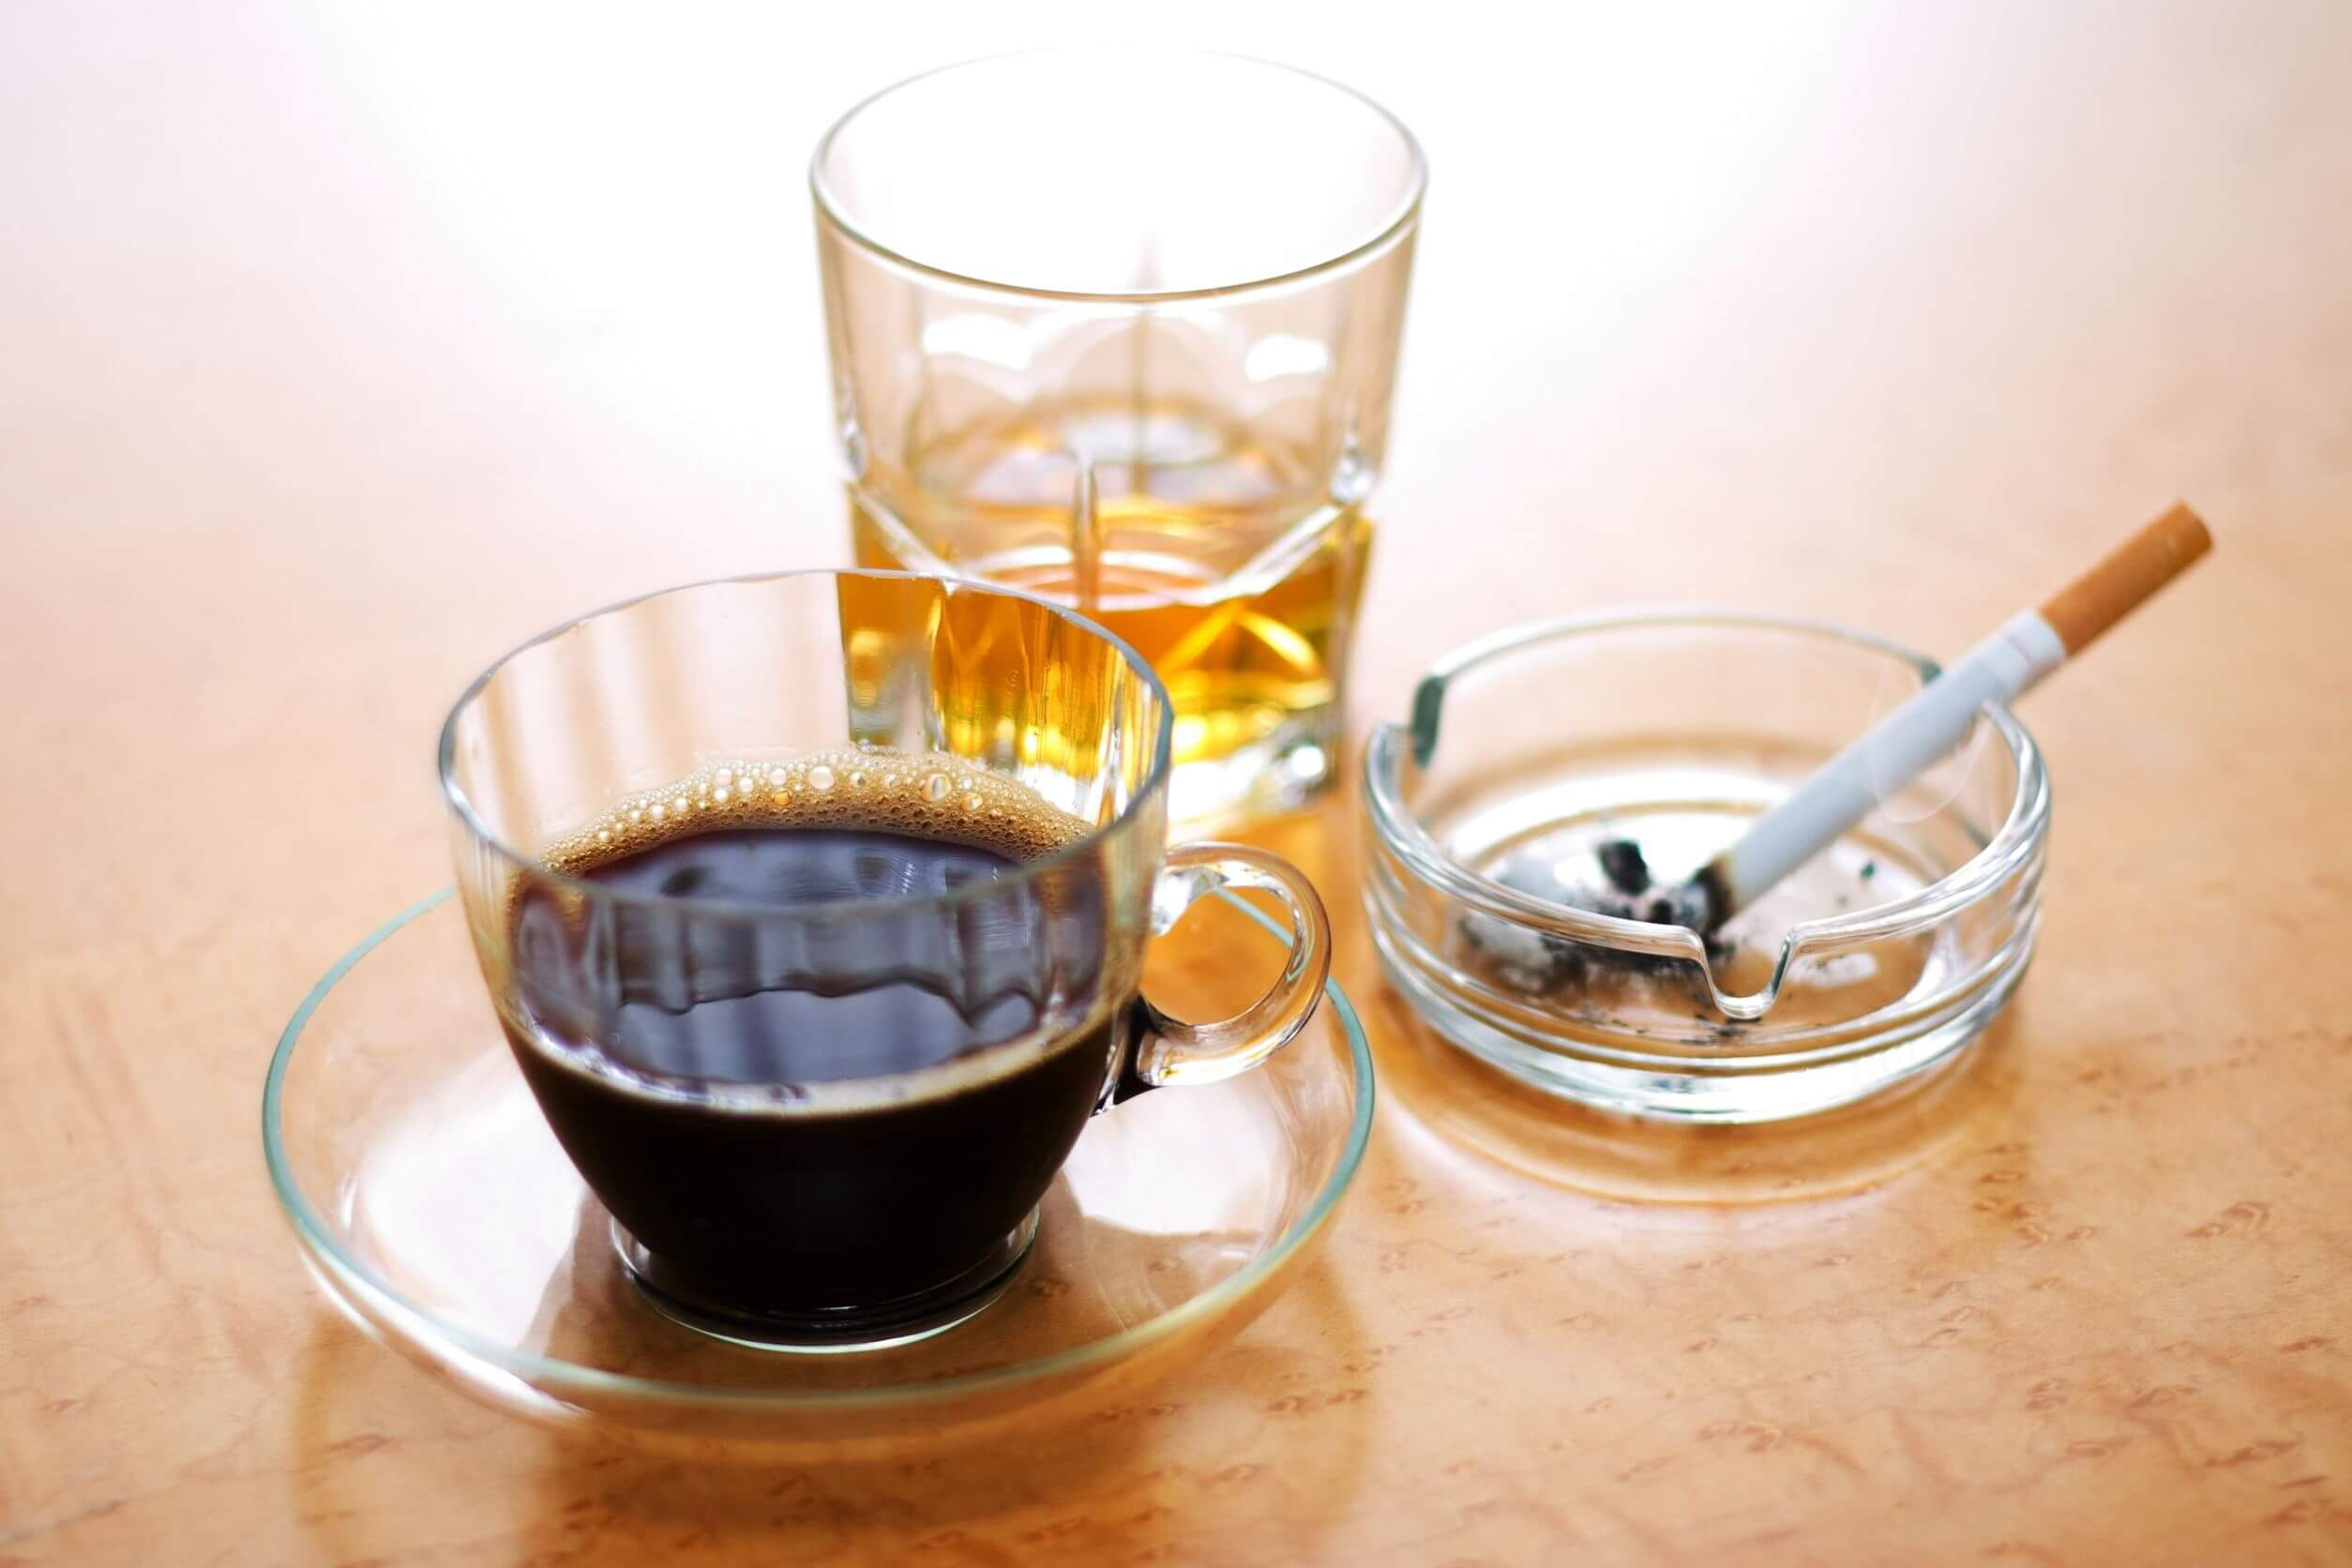 Šálka kávy, pohár s alkoholom a cigareta